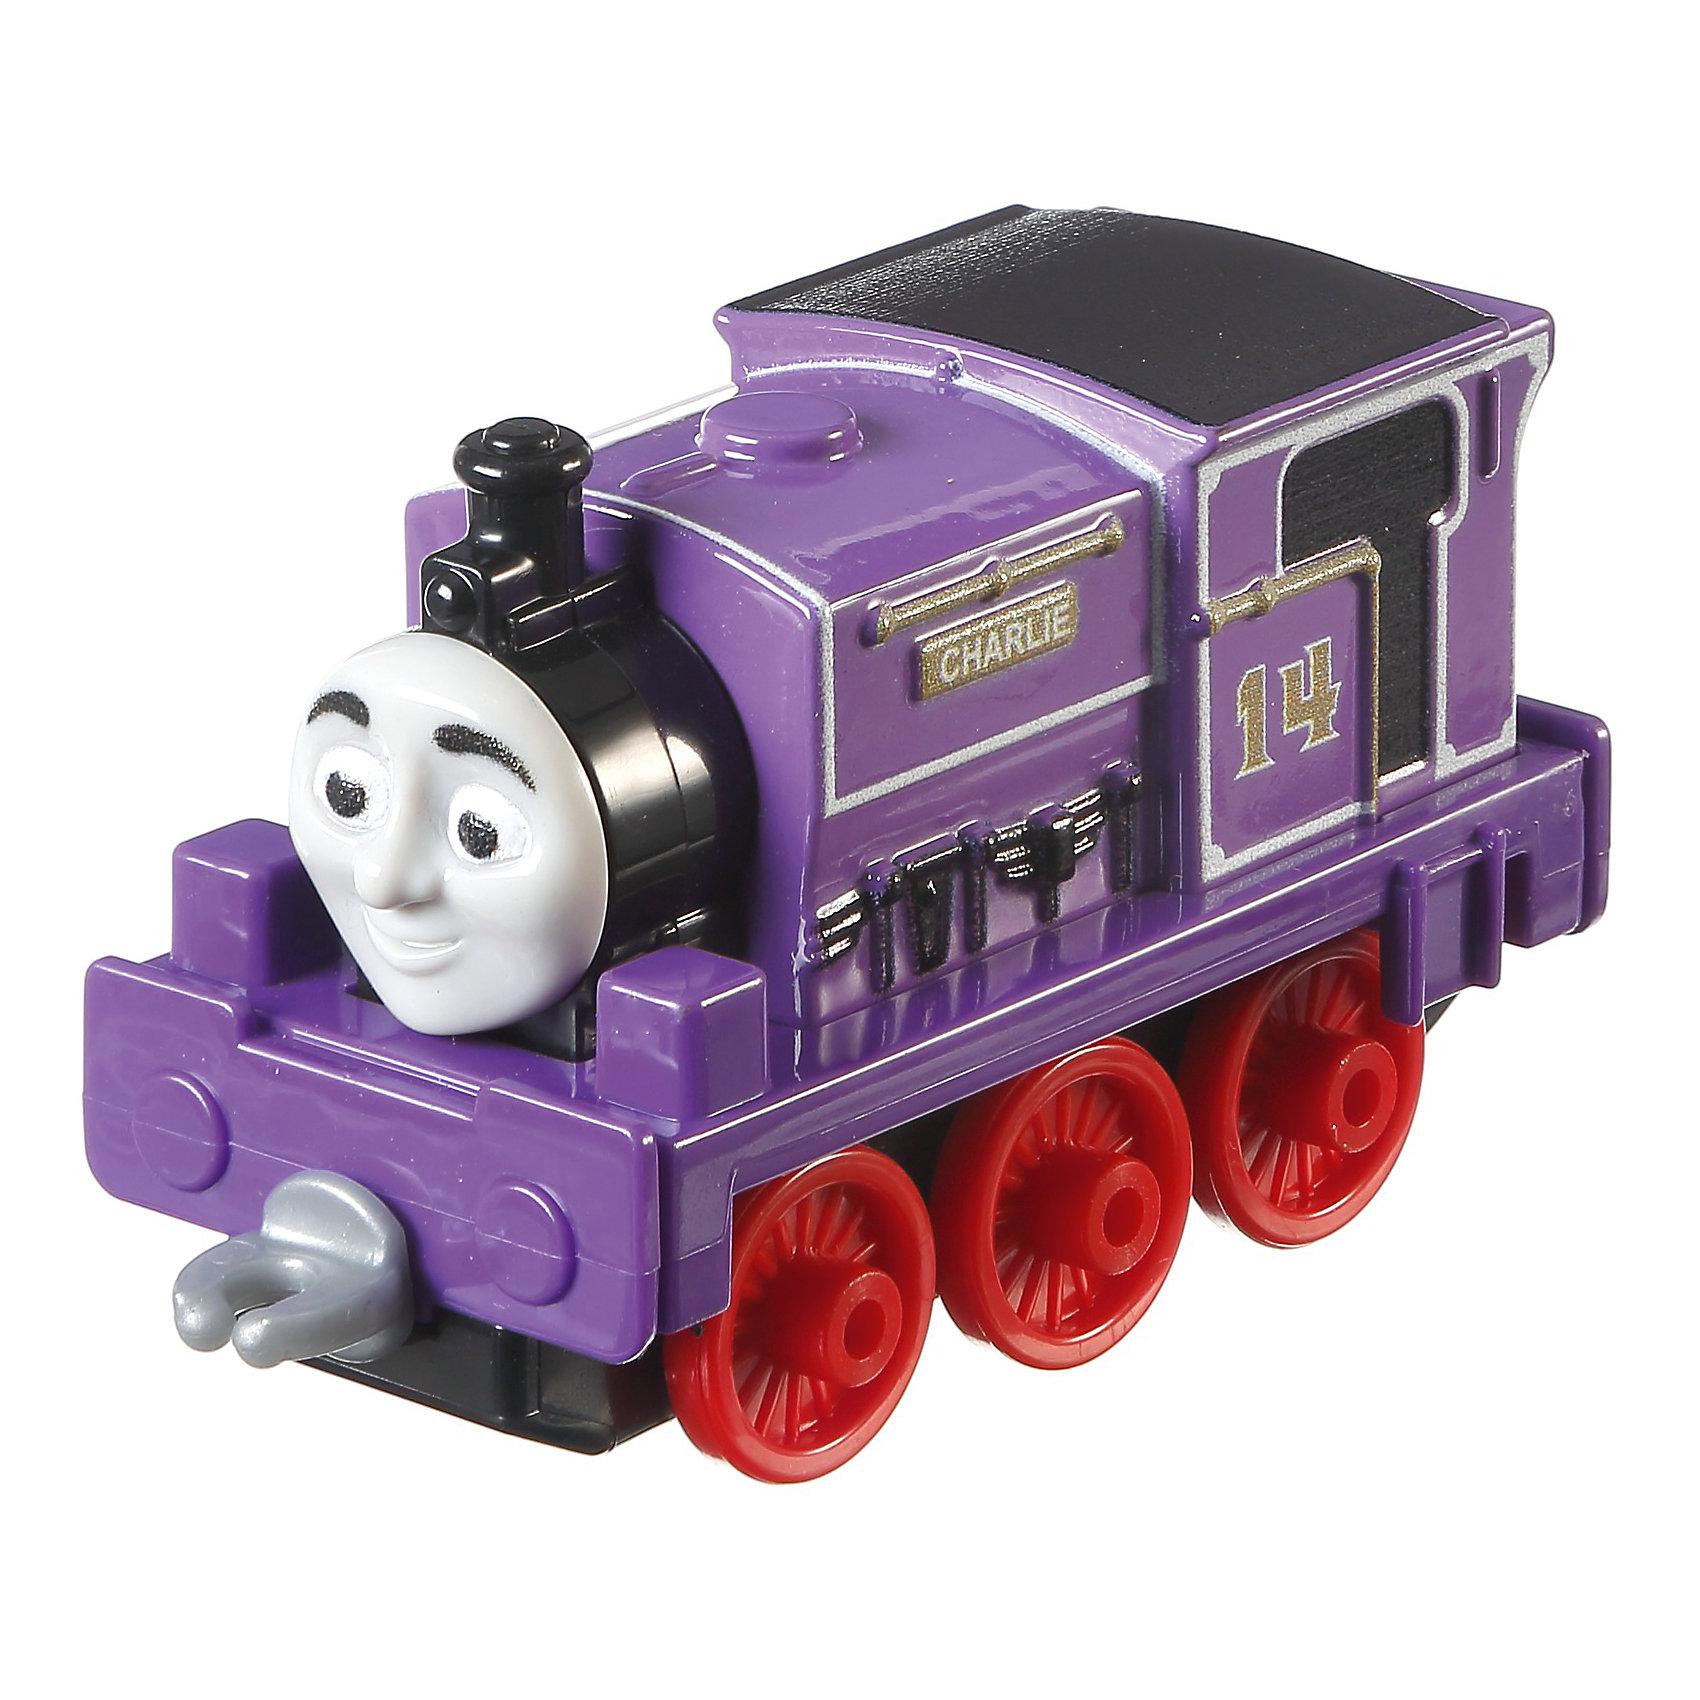 Mattel Паровозик Чарли, Fisher Price, Томас и его друзья mattel игрушки веселые друзья со звуком fisher price в ассортименте